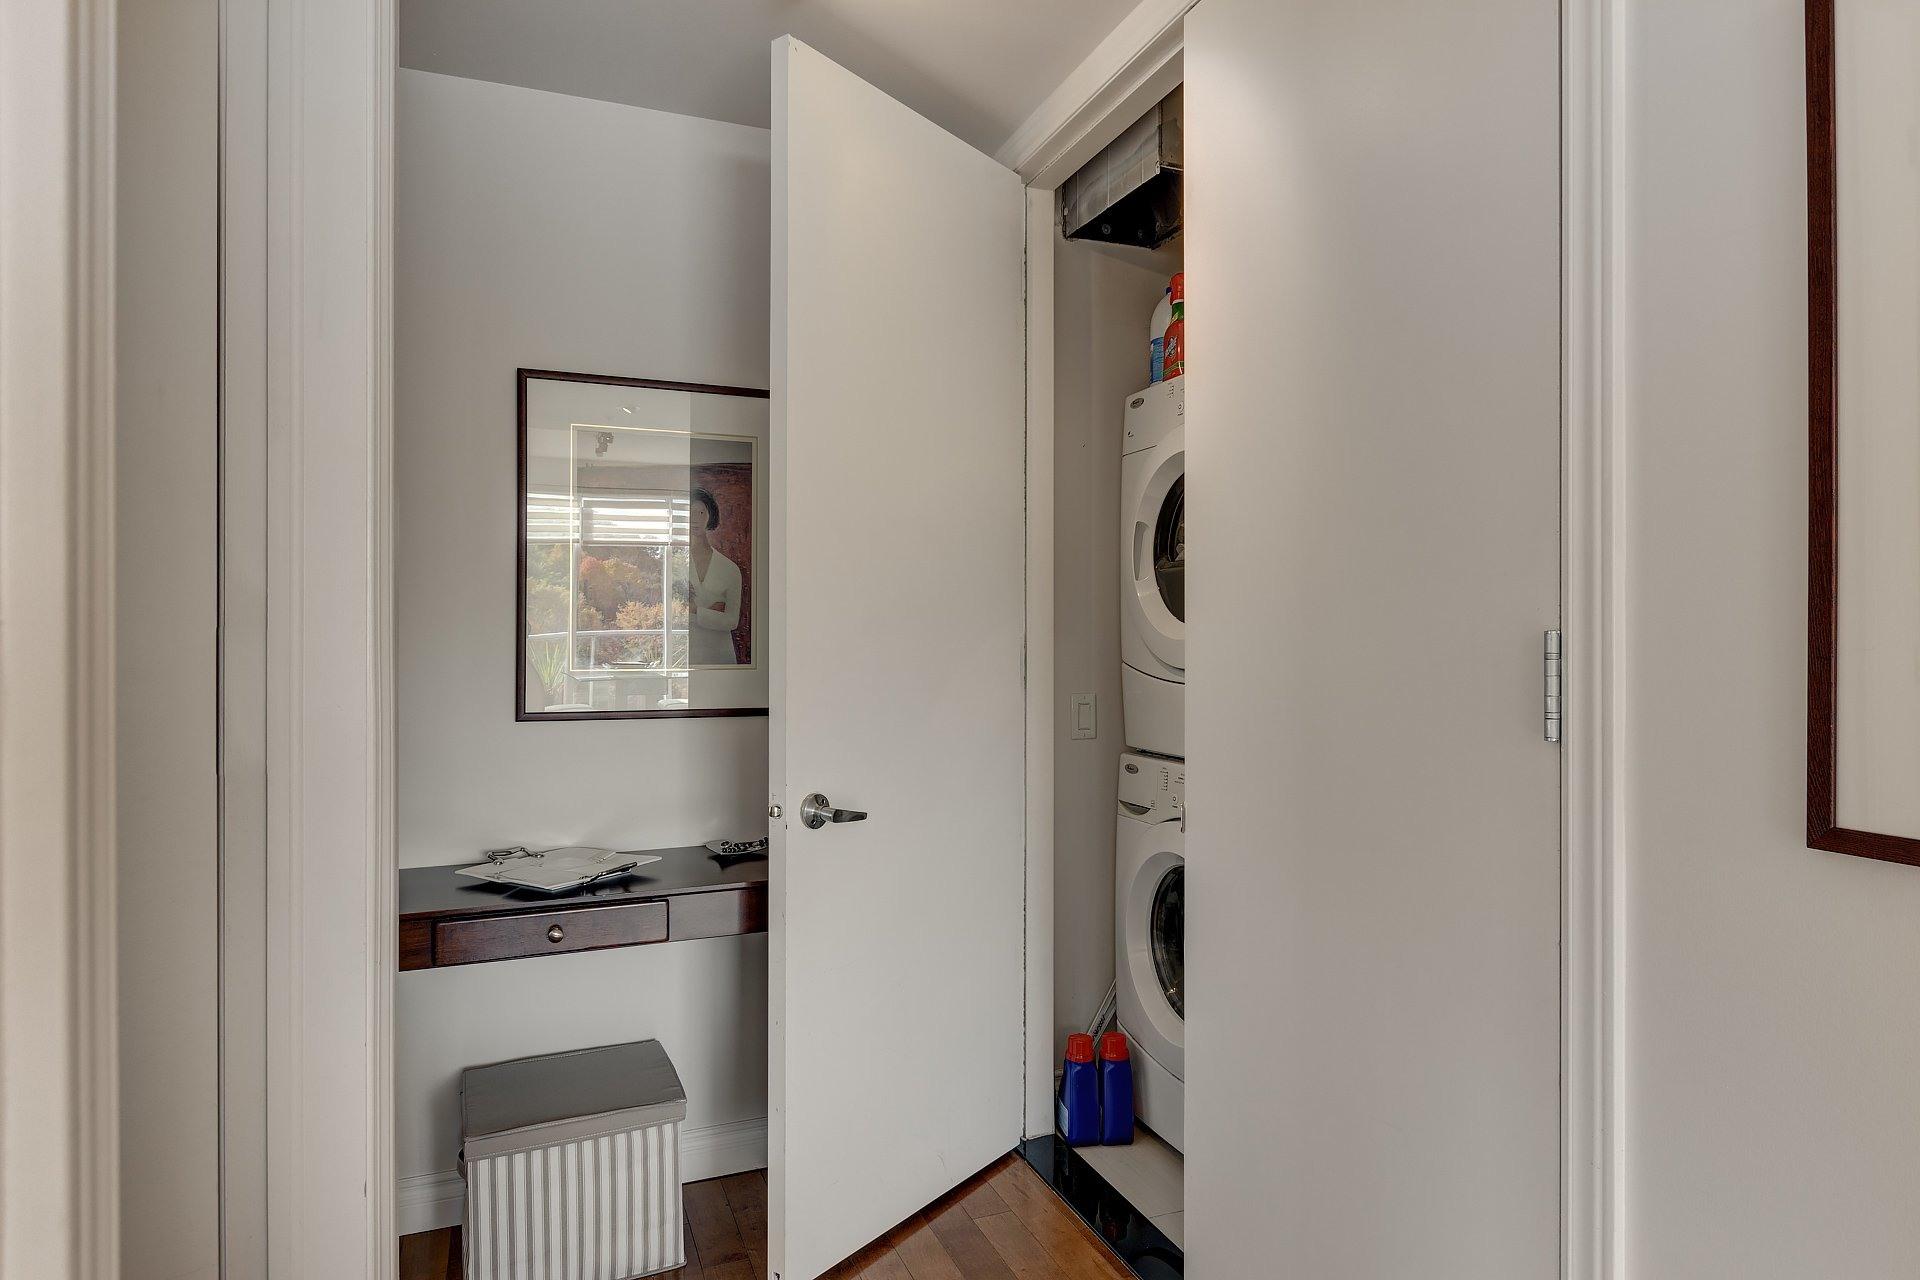 image 14 - Apartment For rent Côte-des-Neiges/Notre-Dame-de-Grâce Montréal  - 5 rooms